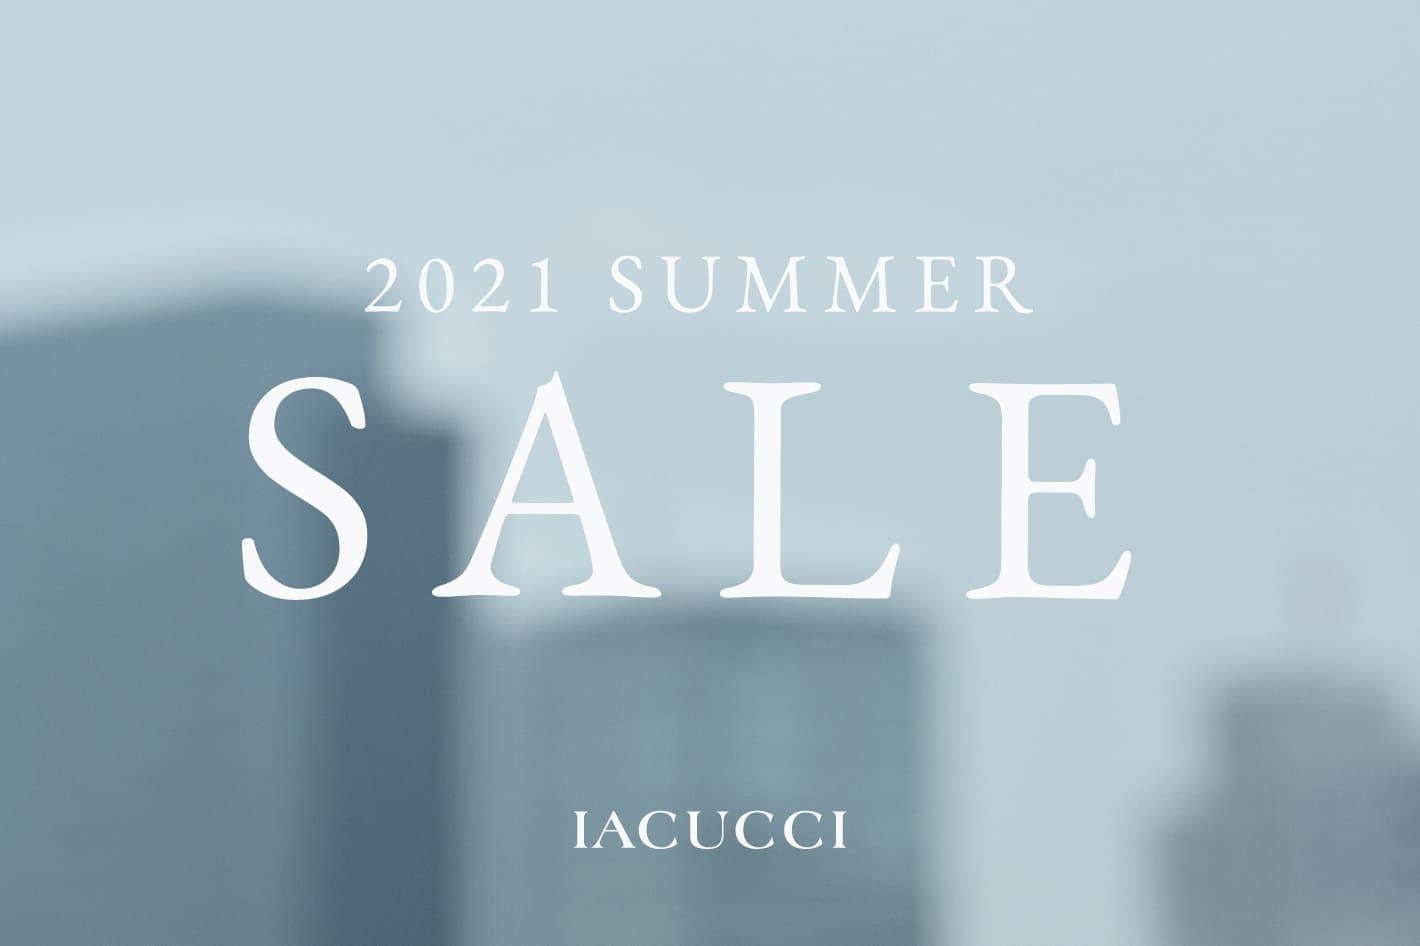 IACUCCI IACUCCI 2021 SUMMER SALE!!